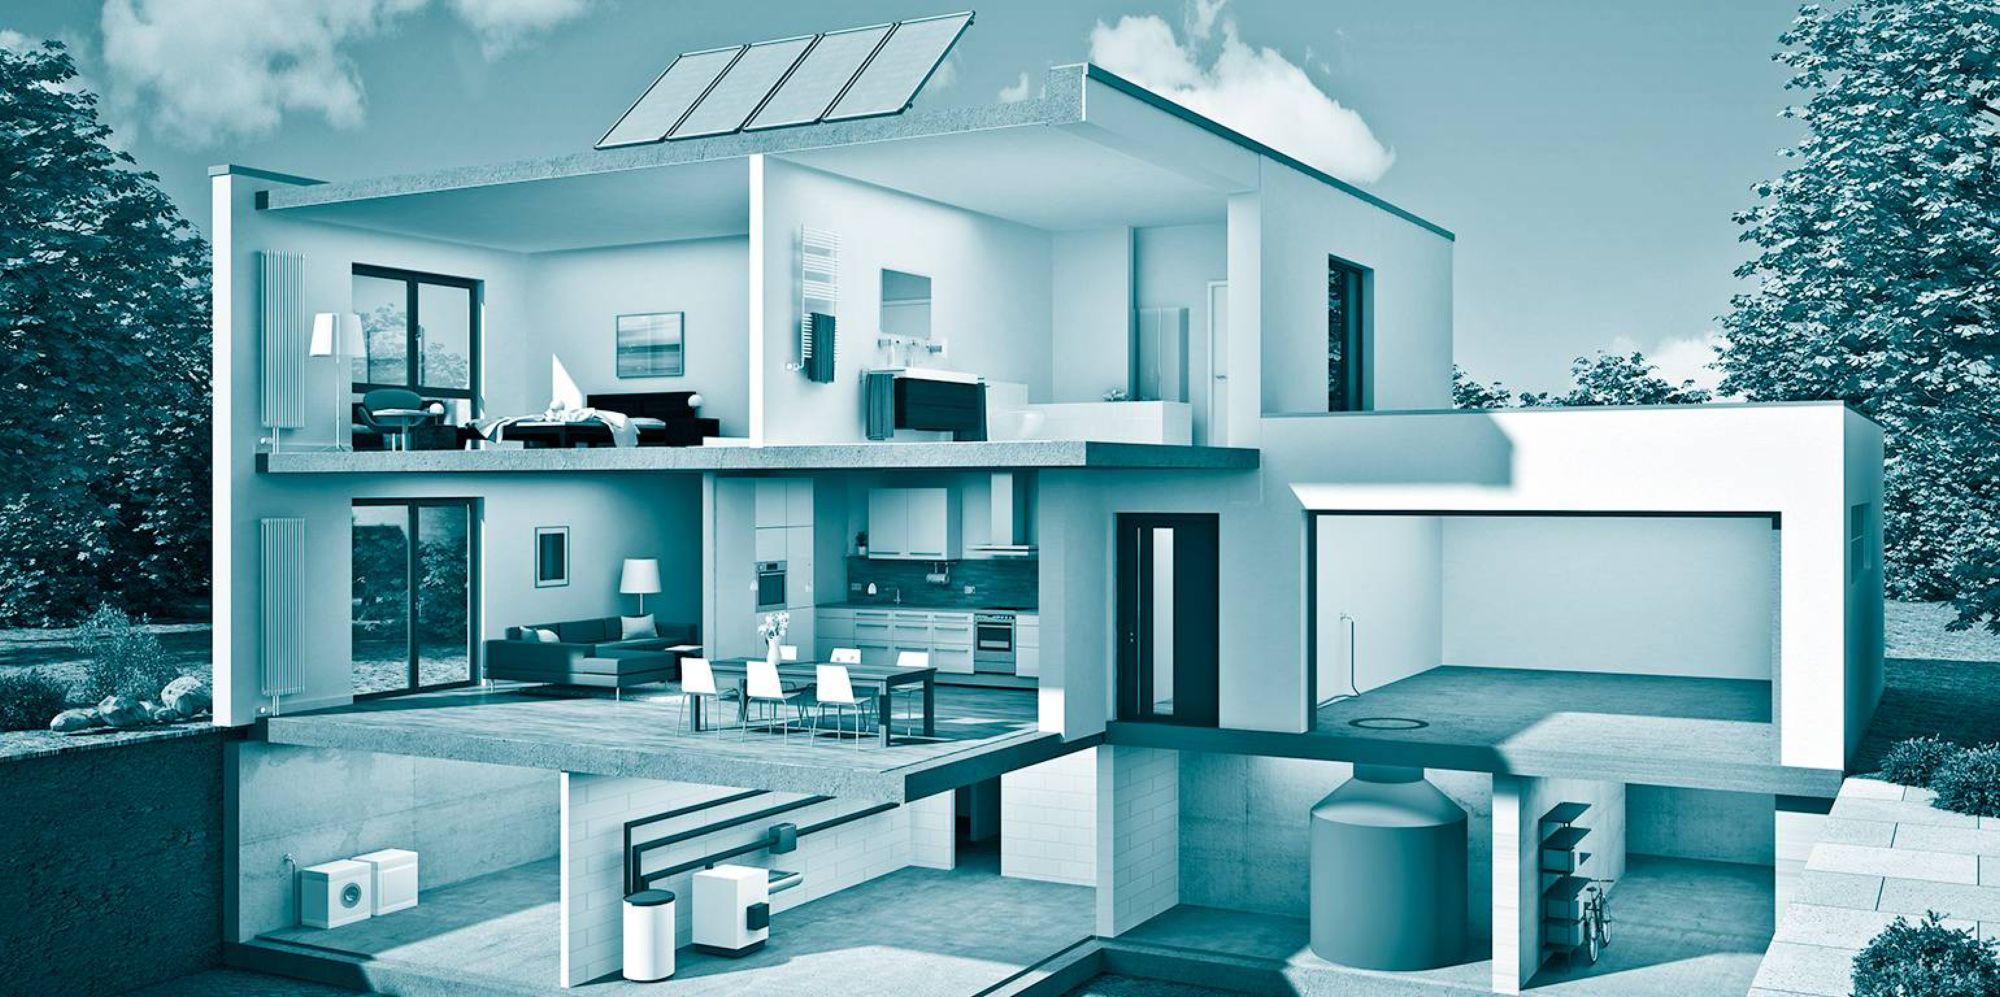 Tesis verimliliği ve enerji maliyetlerinin kontrolü için neler yapılmalı?